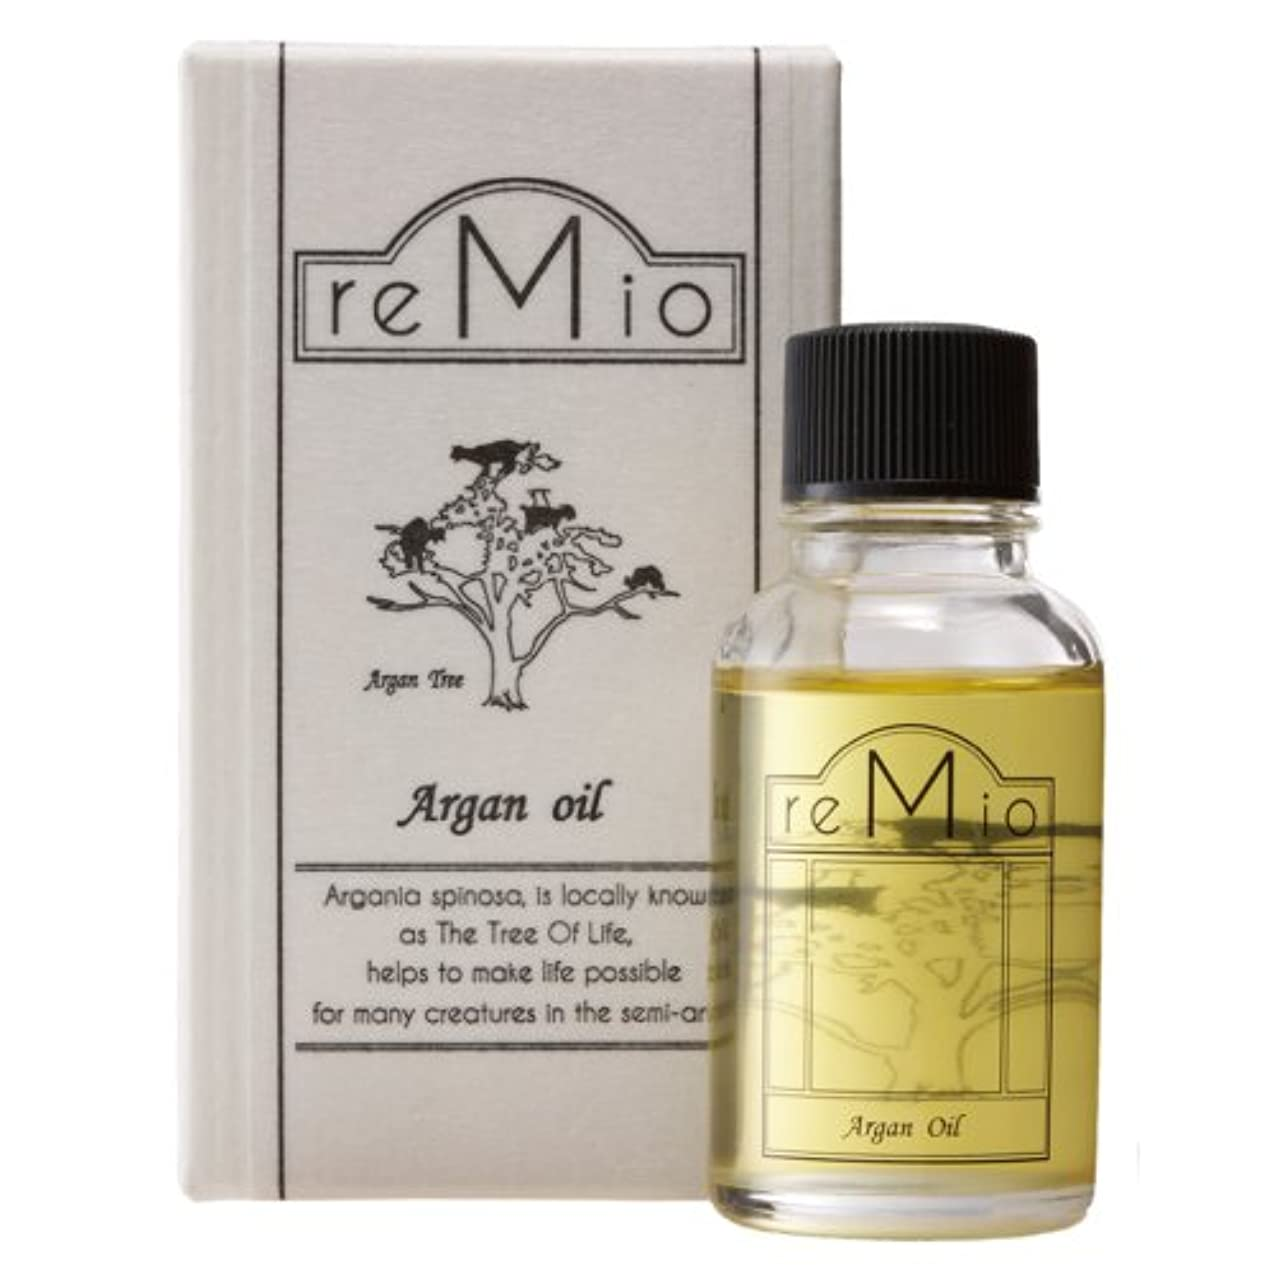 前売保守可能イソギンチャクレミオ(REMIO) オーガニックアルガンオイル